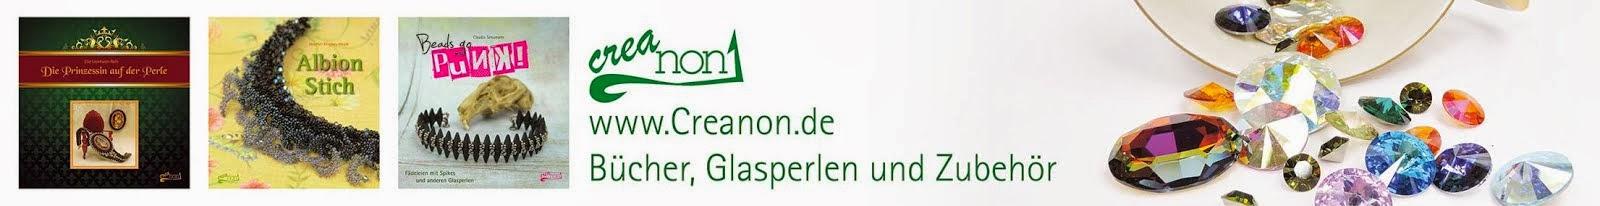 Creanon-Verlag